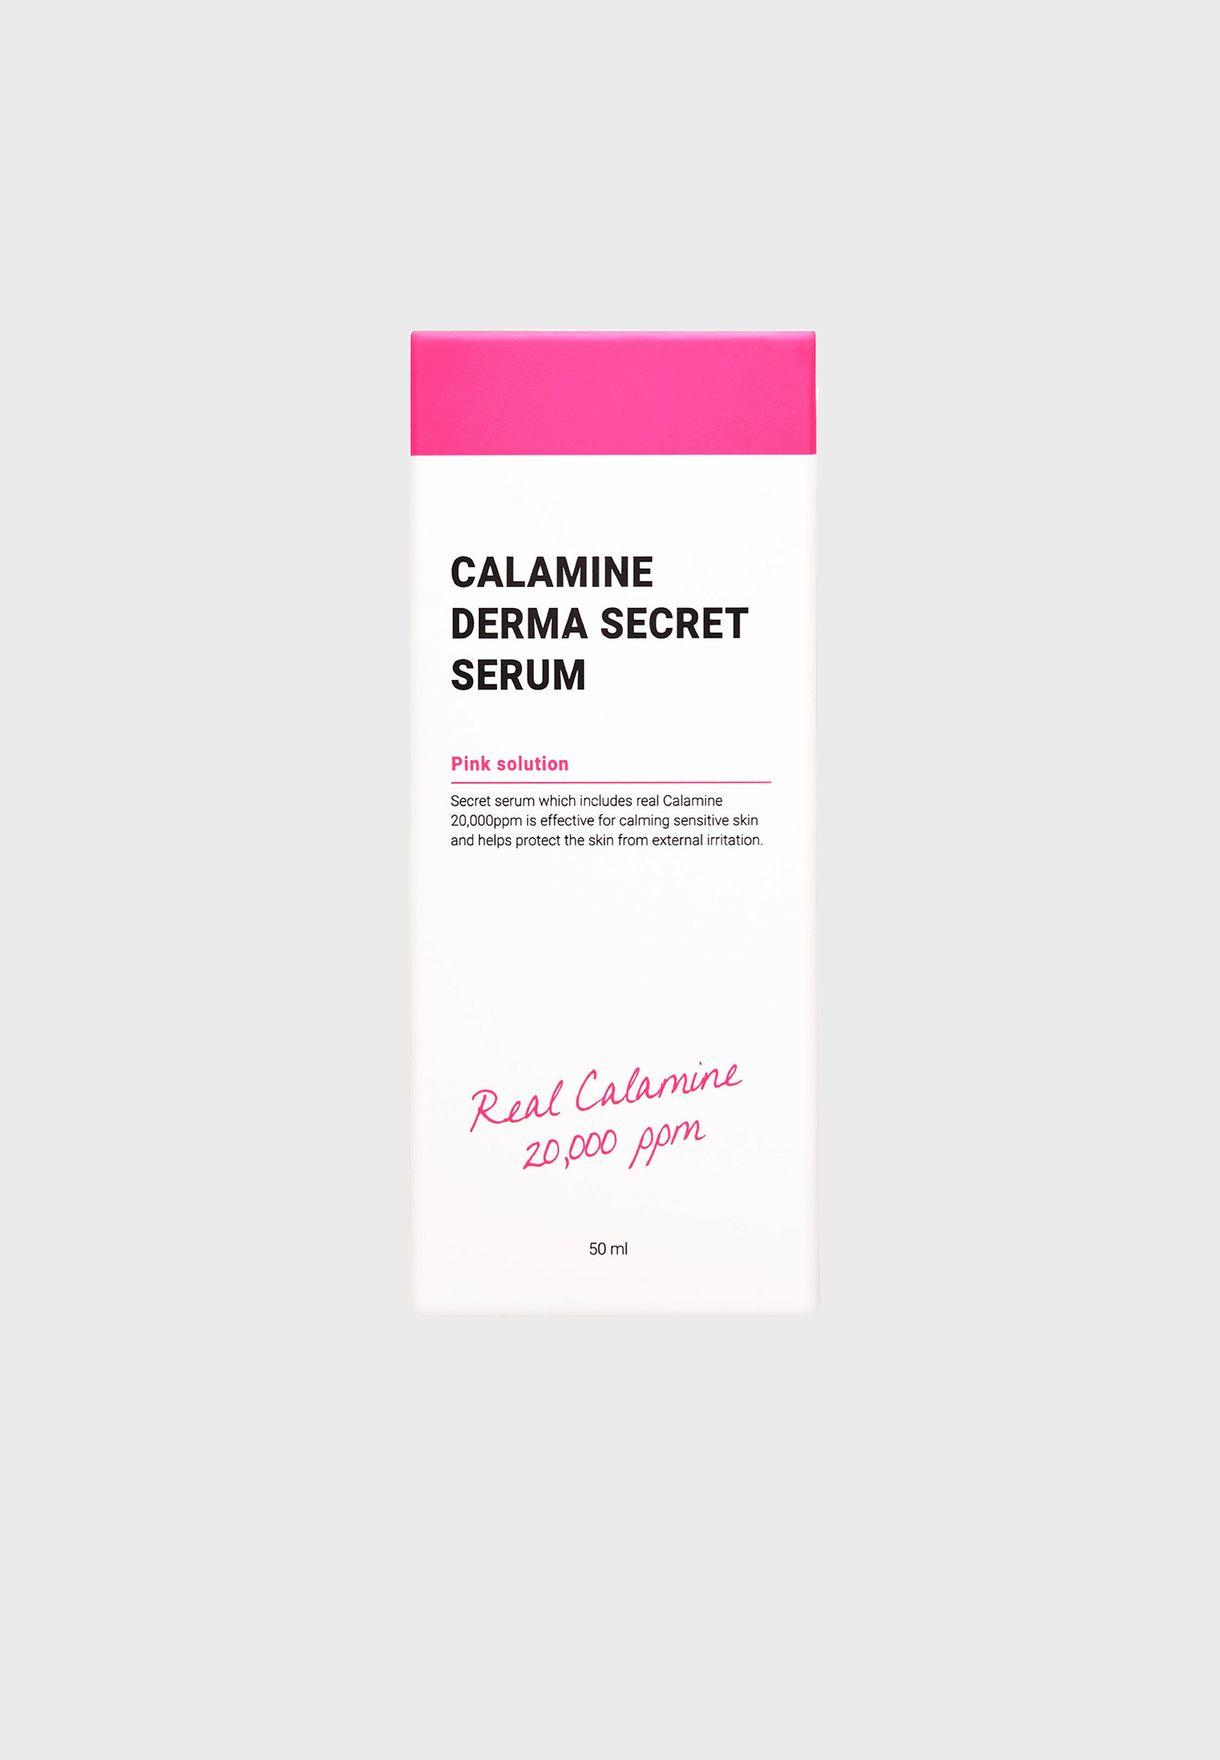 Calamine Derma Secret Serum